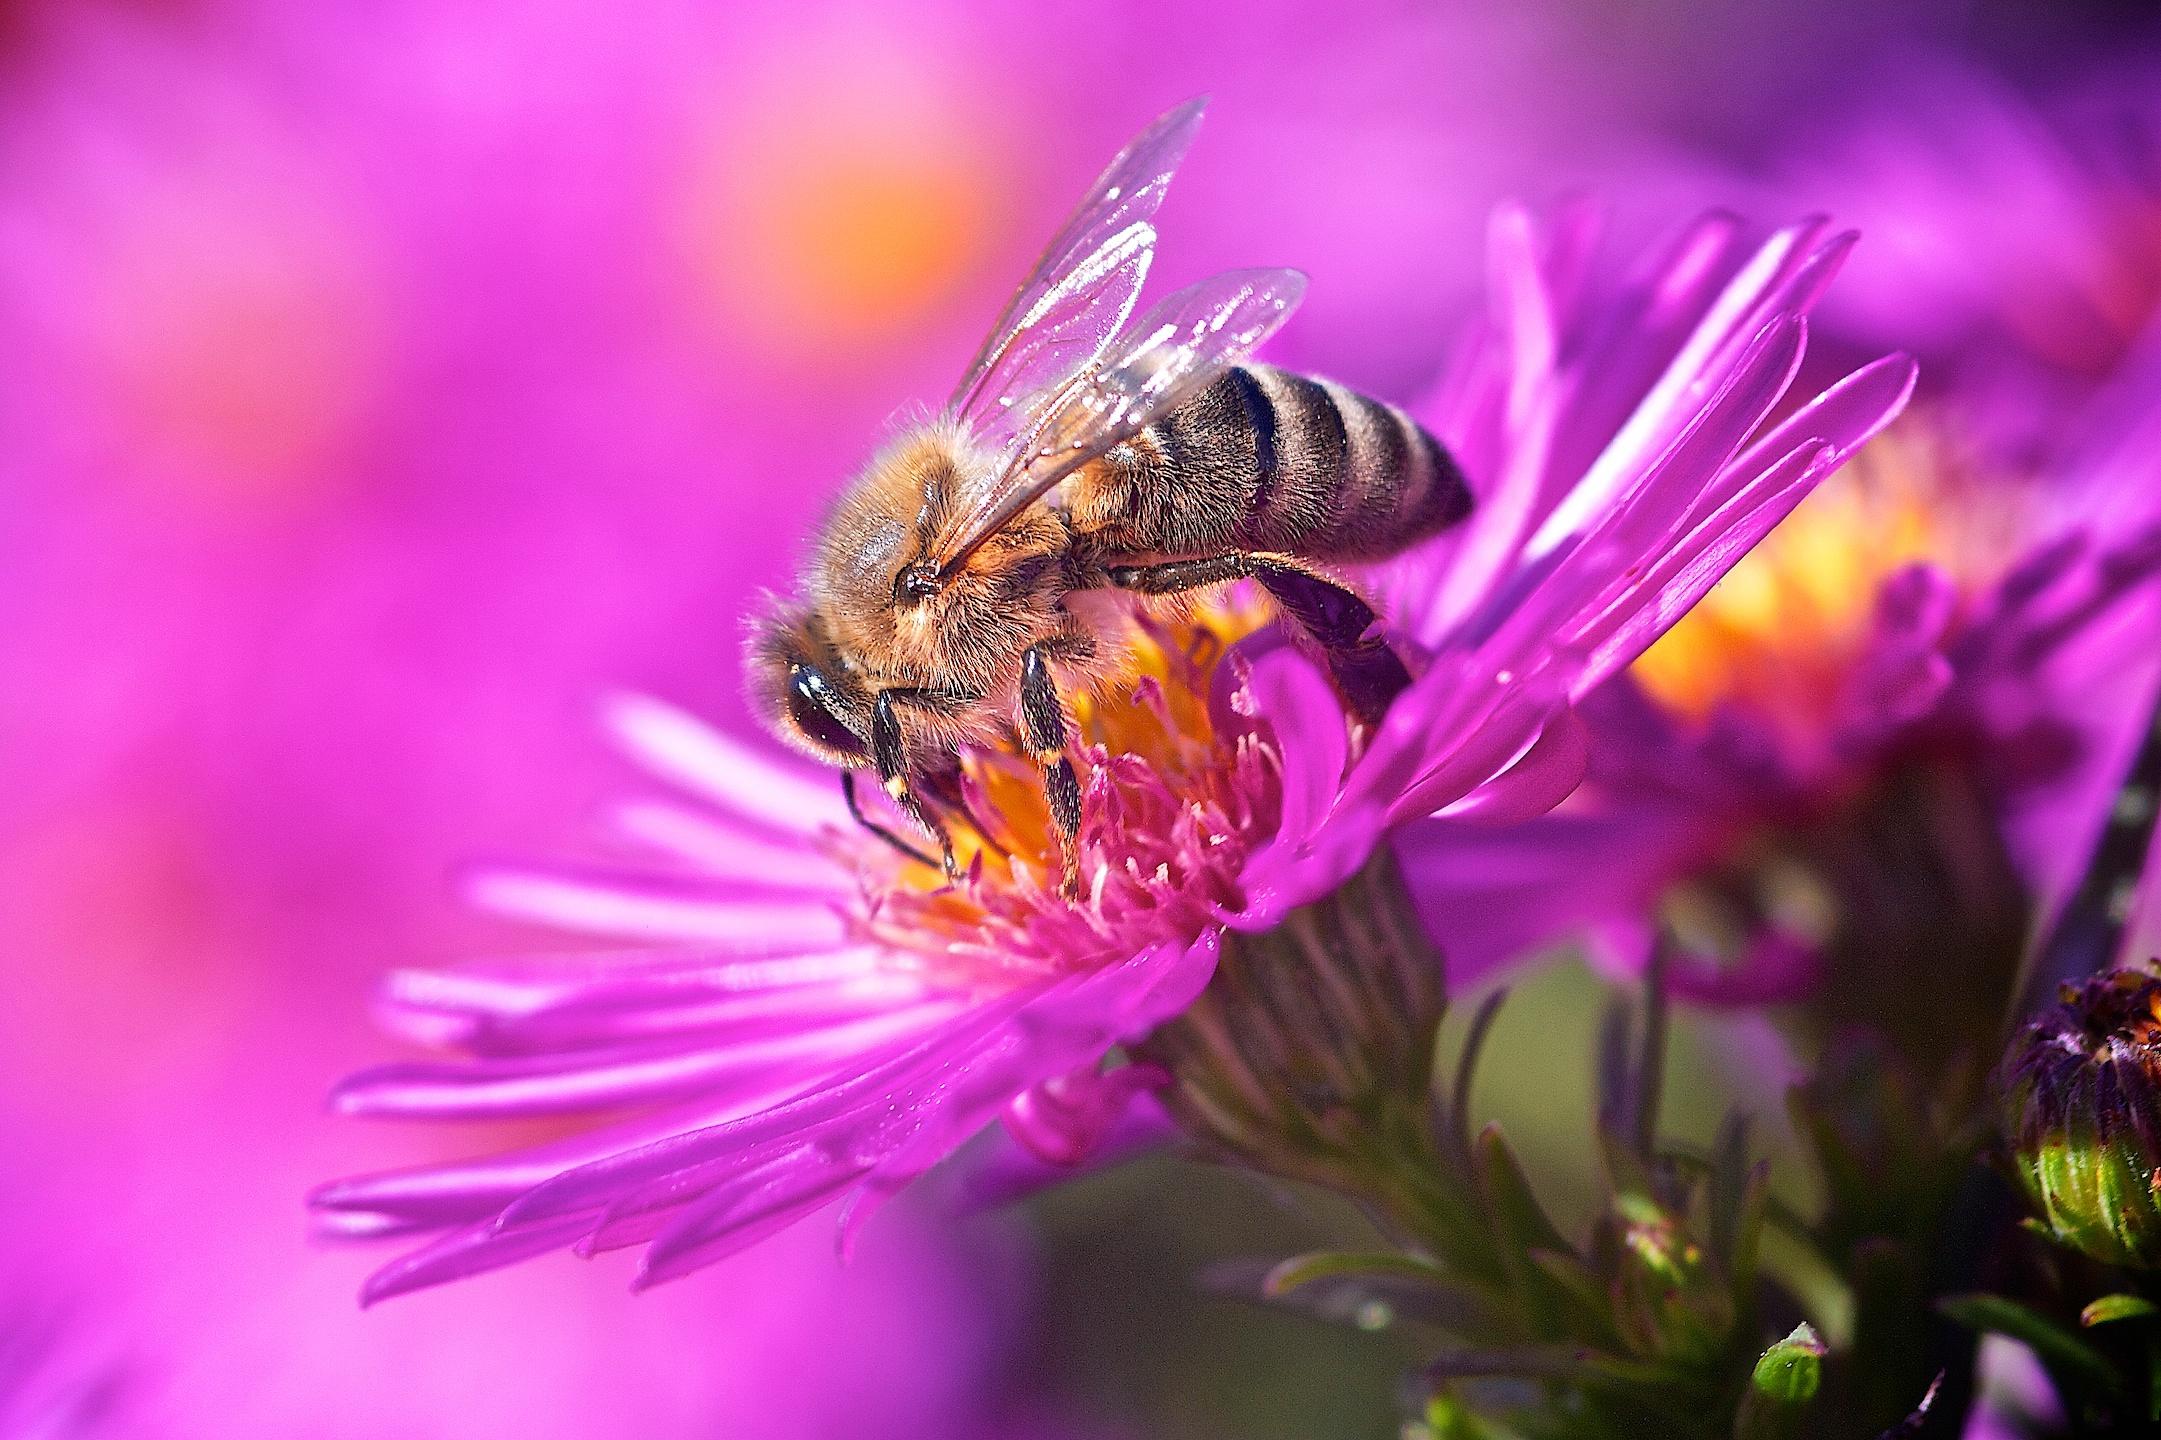 пчела на цветке фотография тому же, настоящие